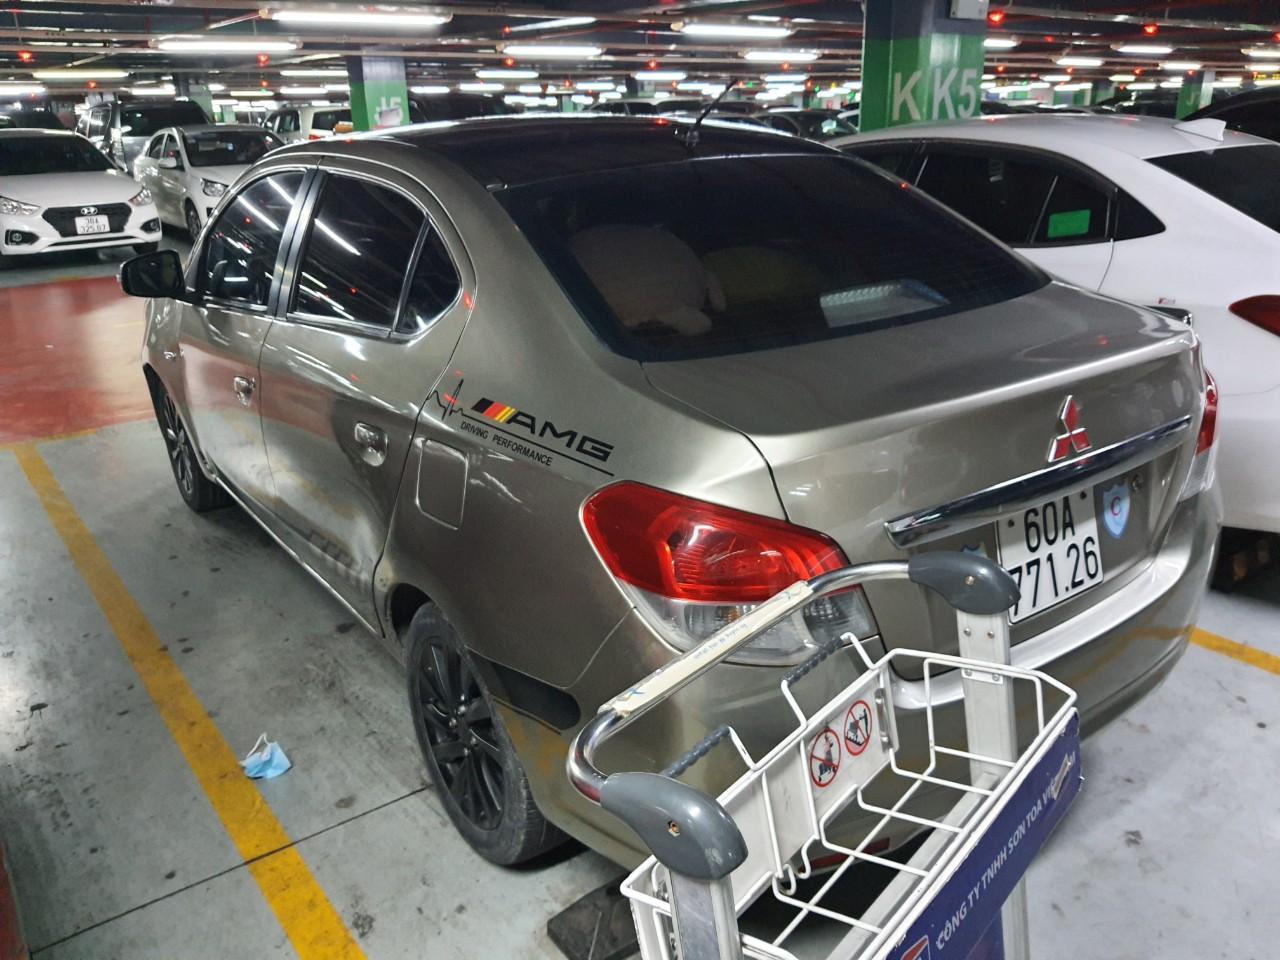 Cho thuê xe ô tô 4 chỗ Vũng Tàu - Đồng Nai